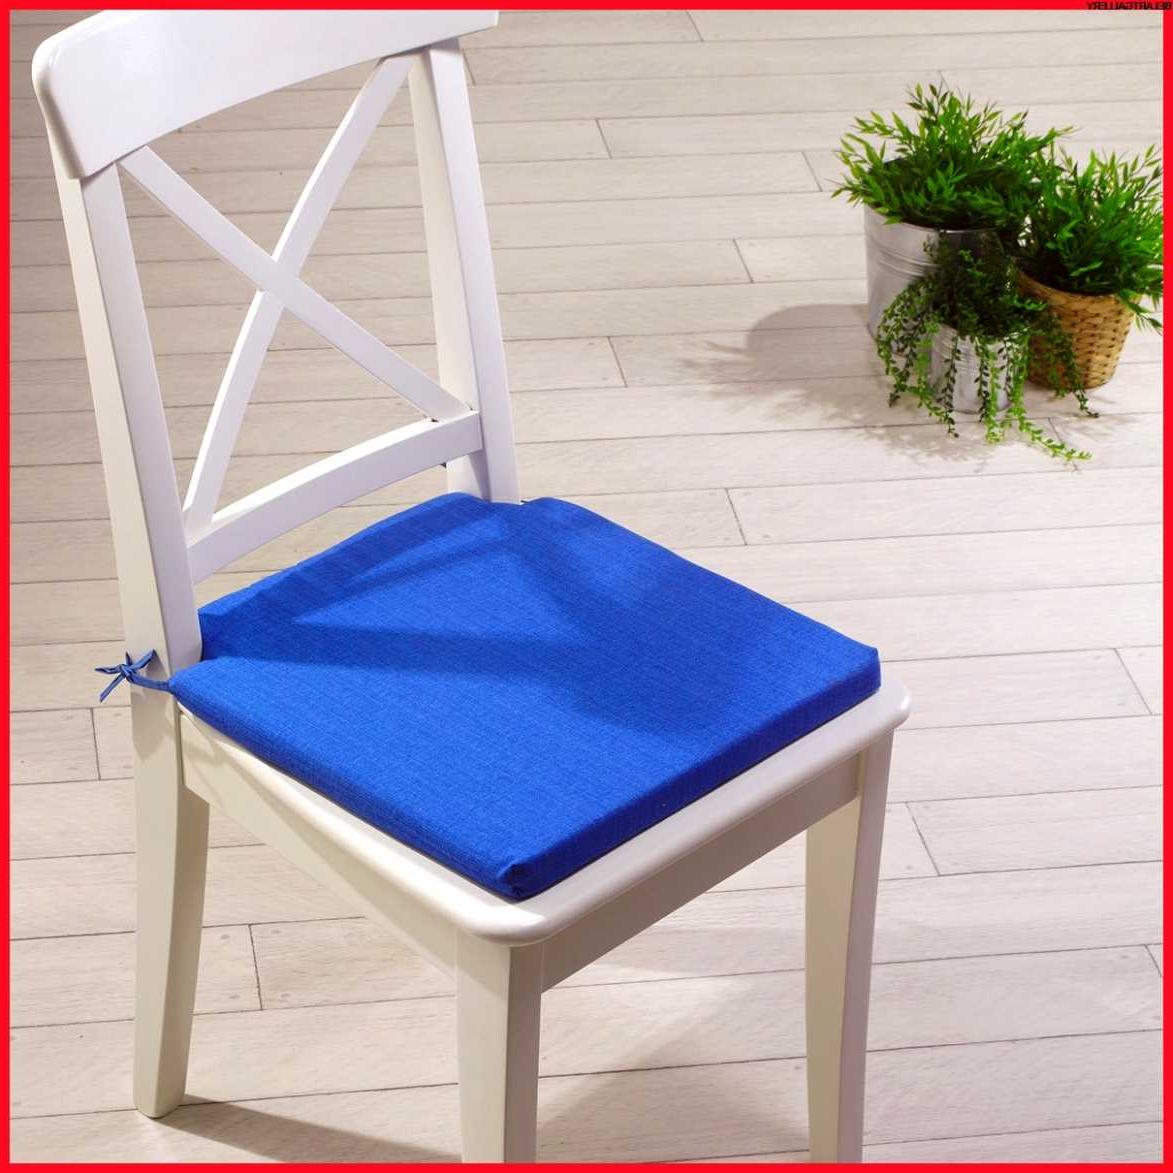 Sillas Dormitorio Ikea Bqdd Sillas Para Dormitorio